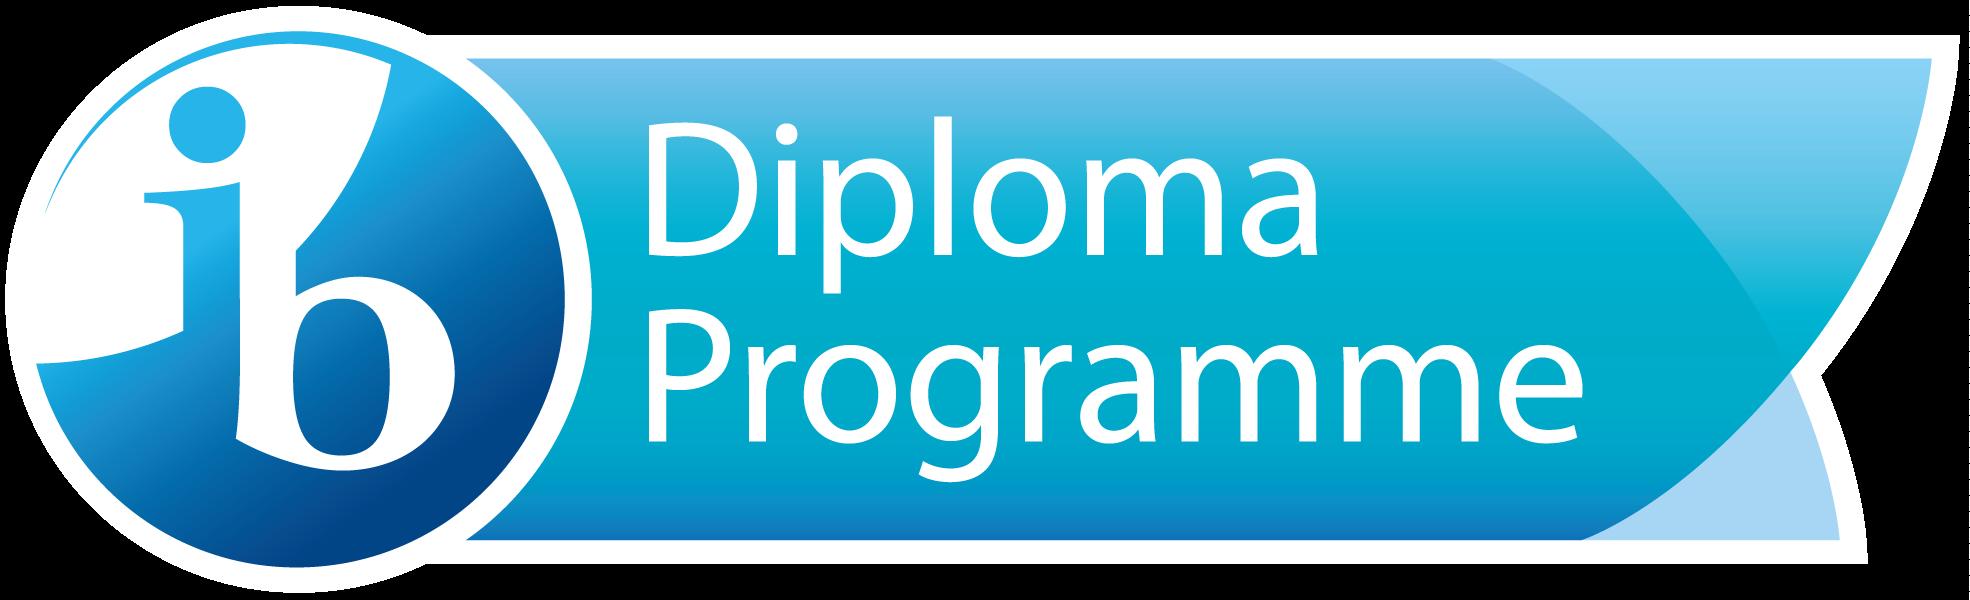 Diploma Programme Icon